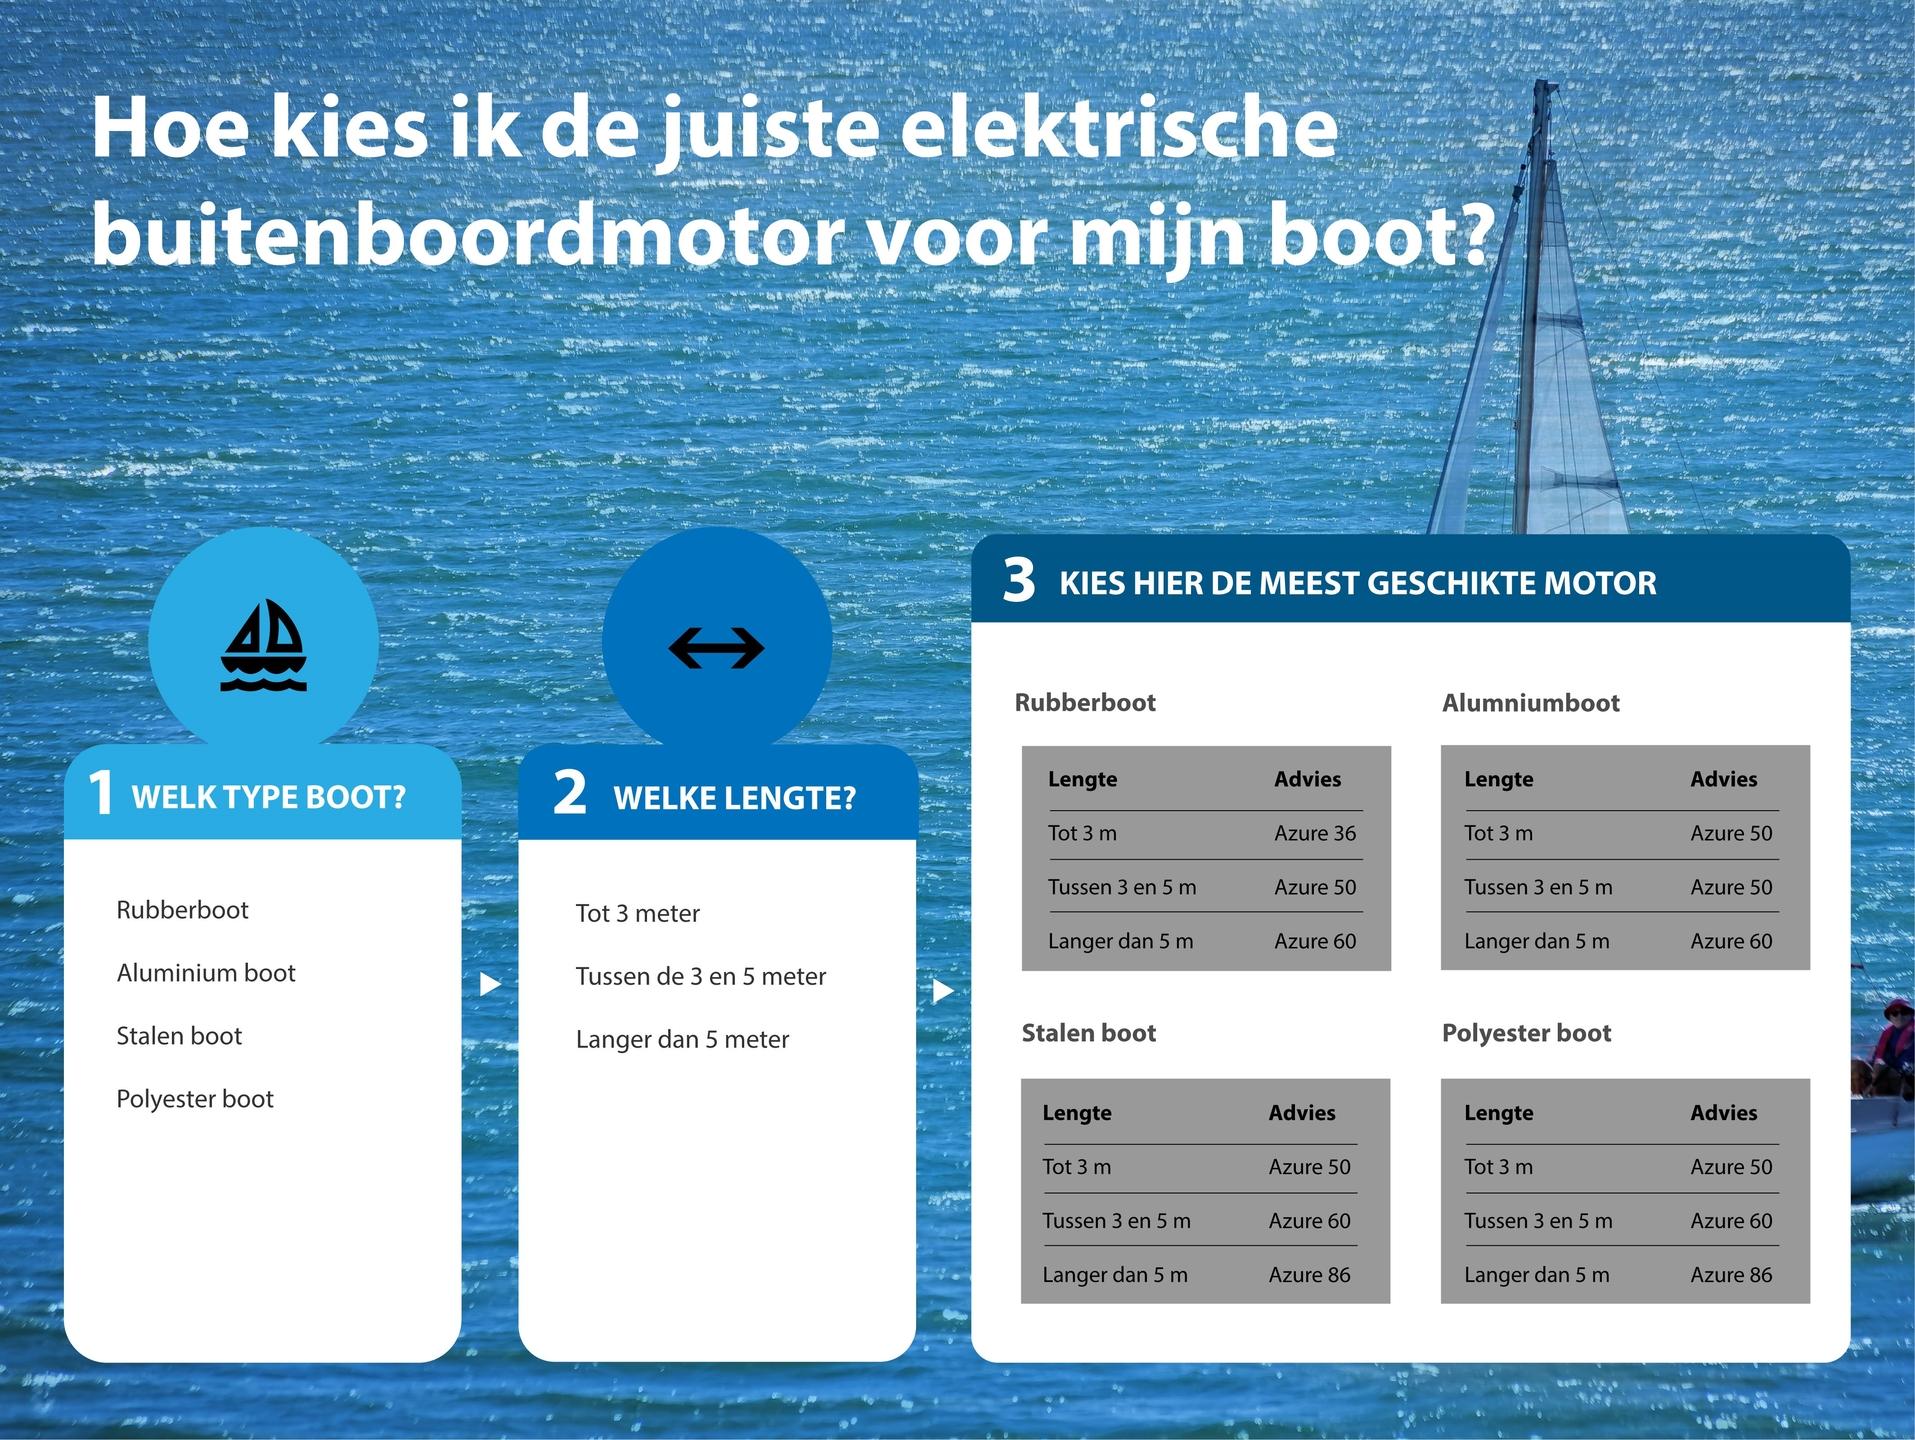 Wat is de beste elektrische buitenboordmotor voor mijn boot?